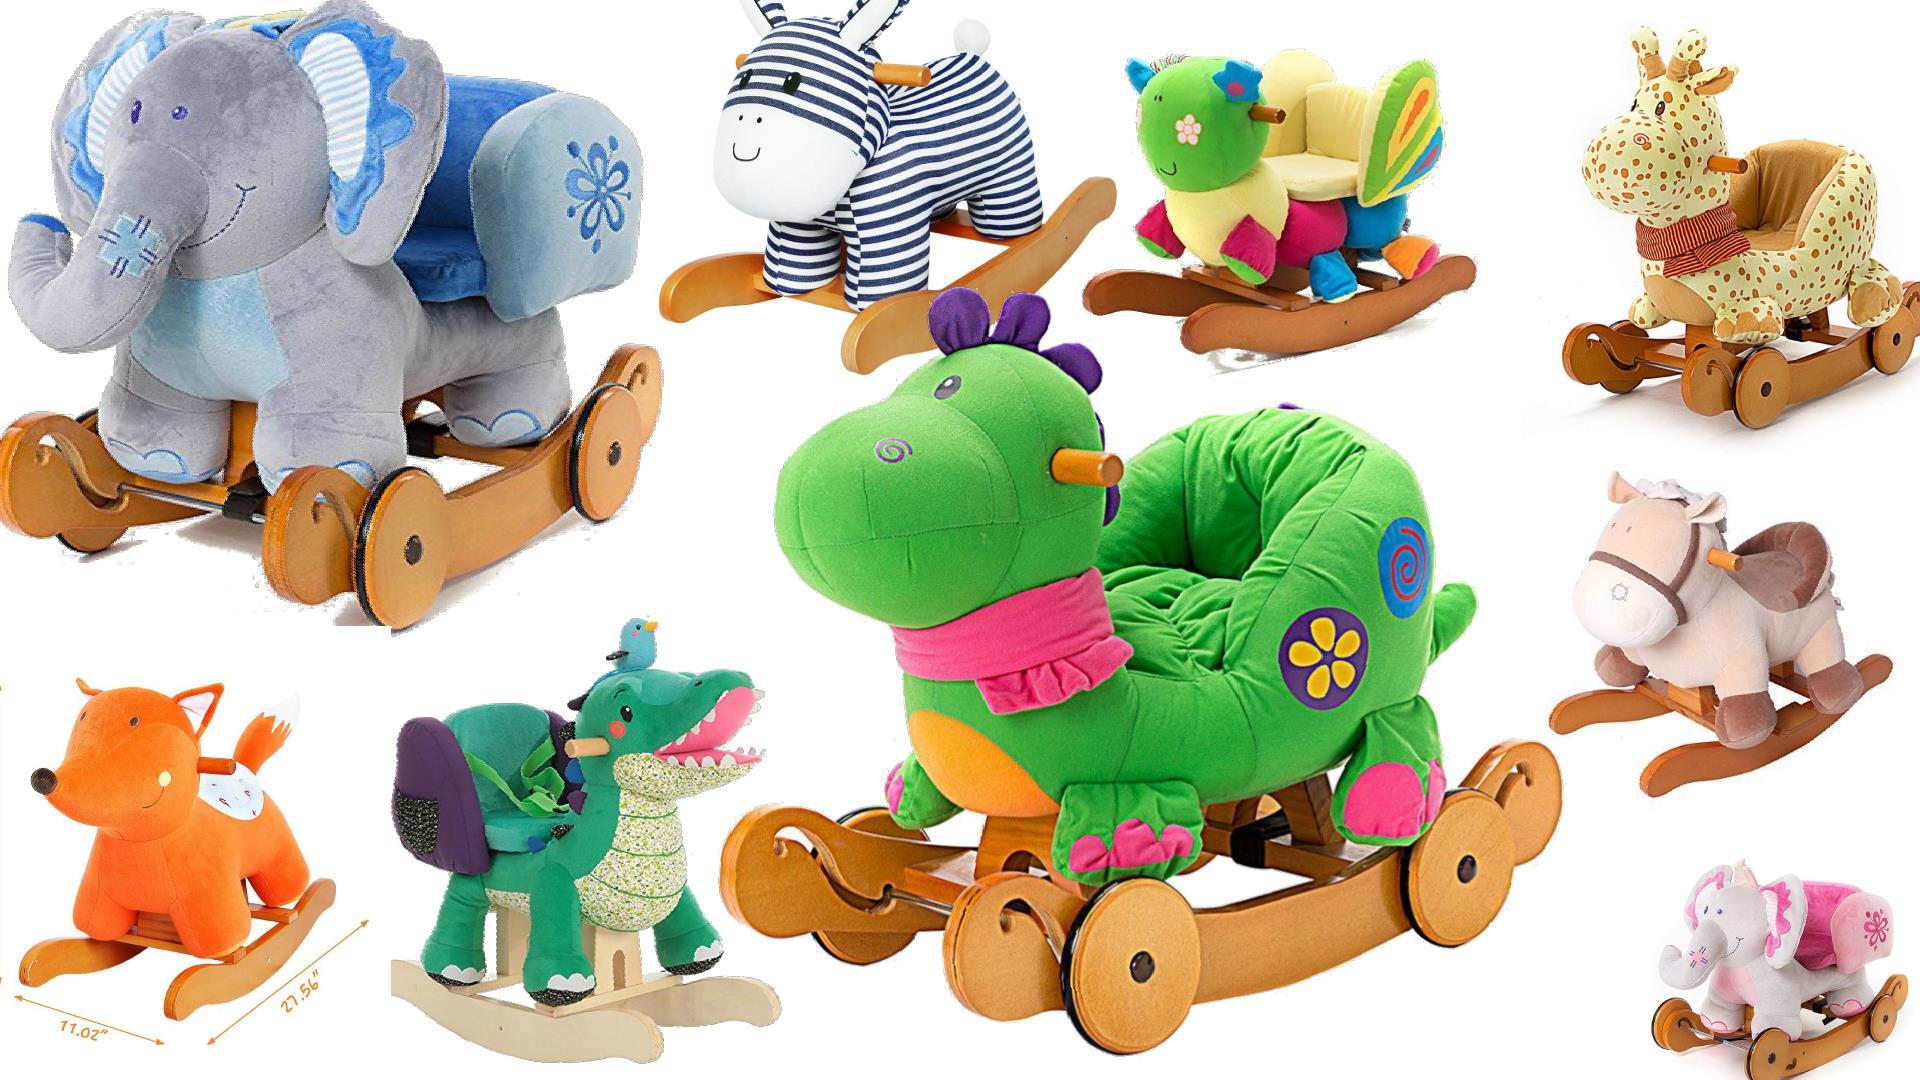 plush animal rocking chairs for baby toddler kids rocking horse toys